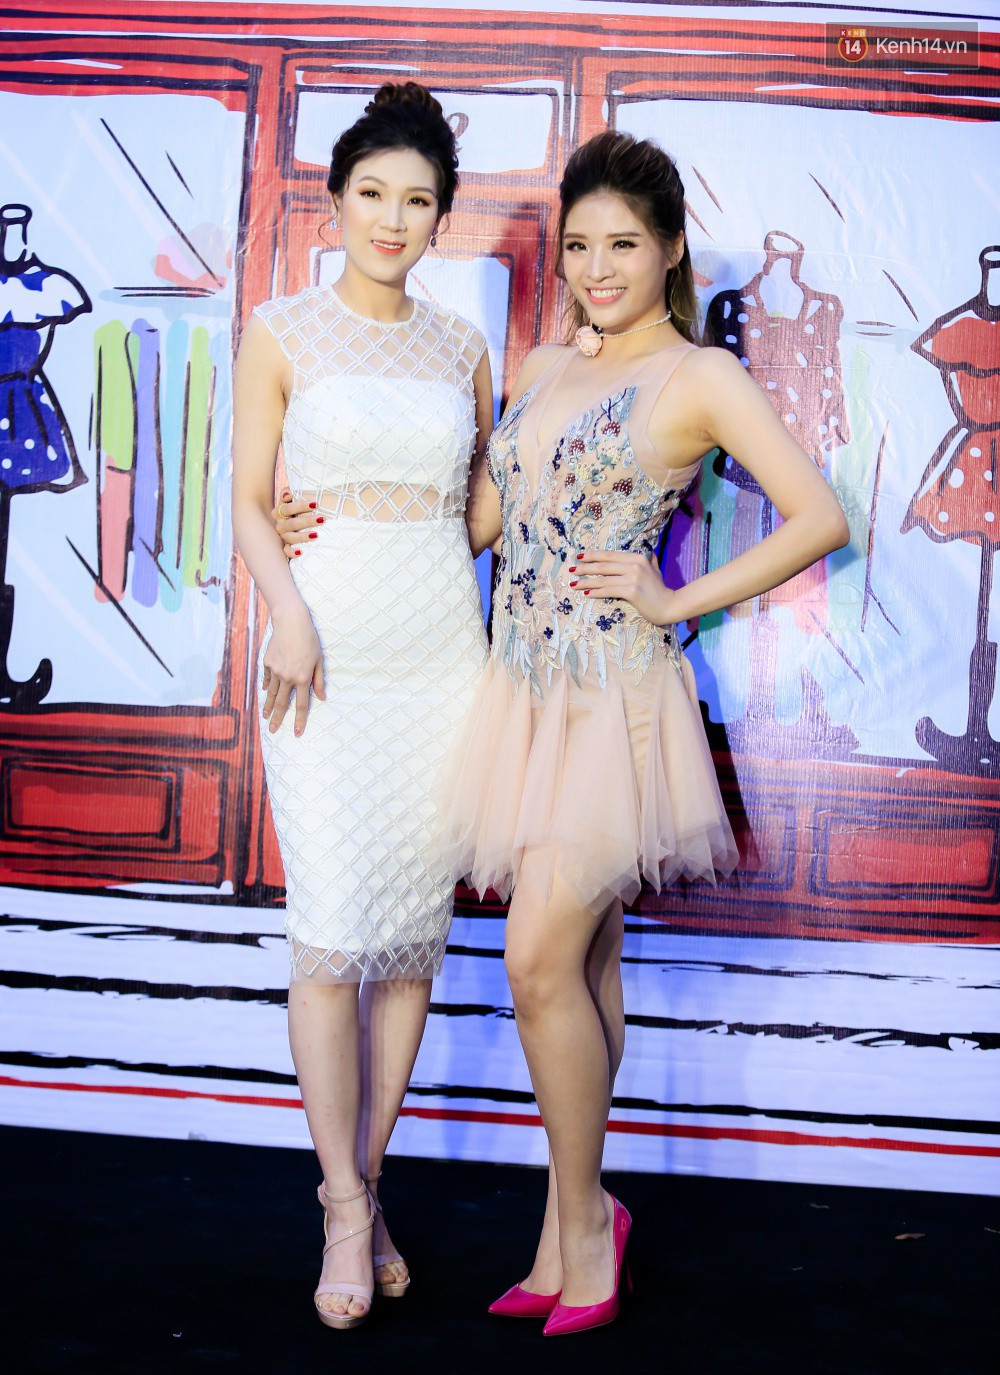 Đây là điều Mỹ Linh luôn mong muốn thực hiện sau khi trao vương miện Hoa hậu Việt Nam cho người kế nhiệm - Ảnh 7.